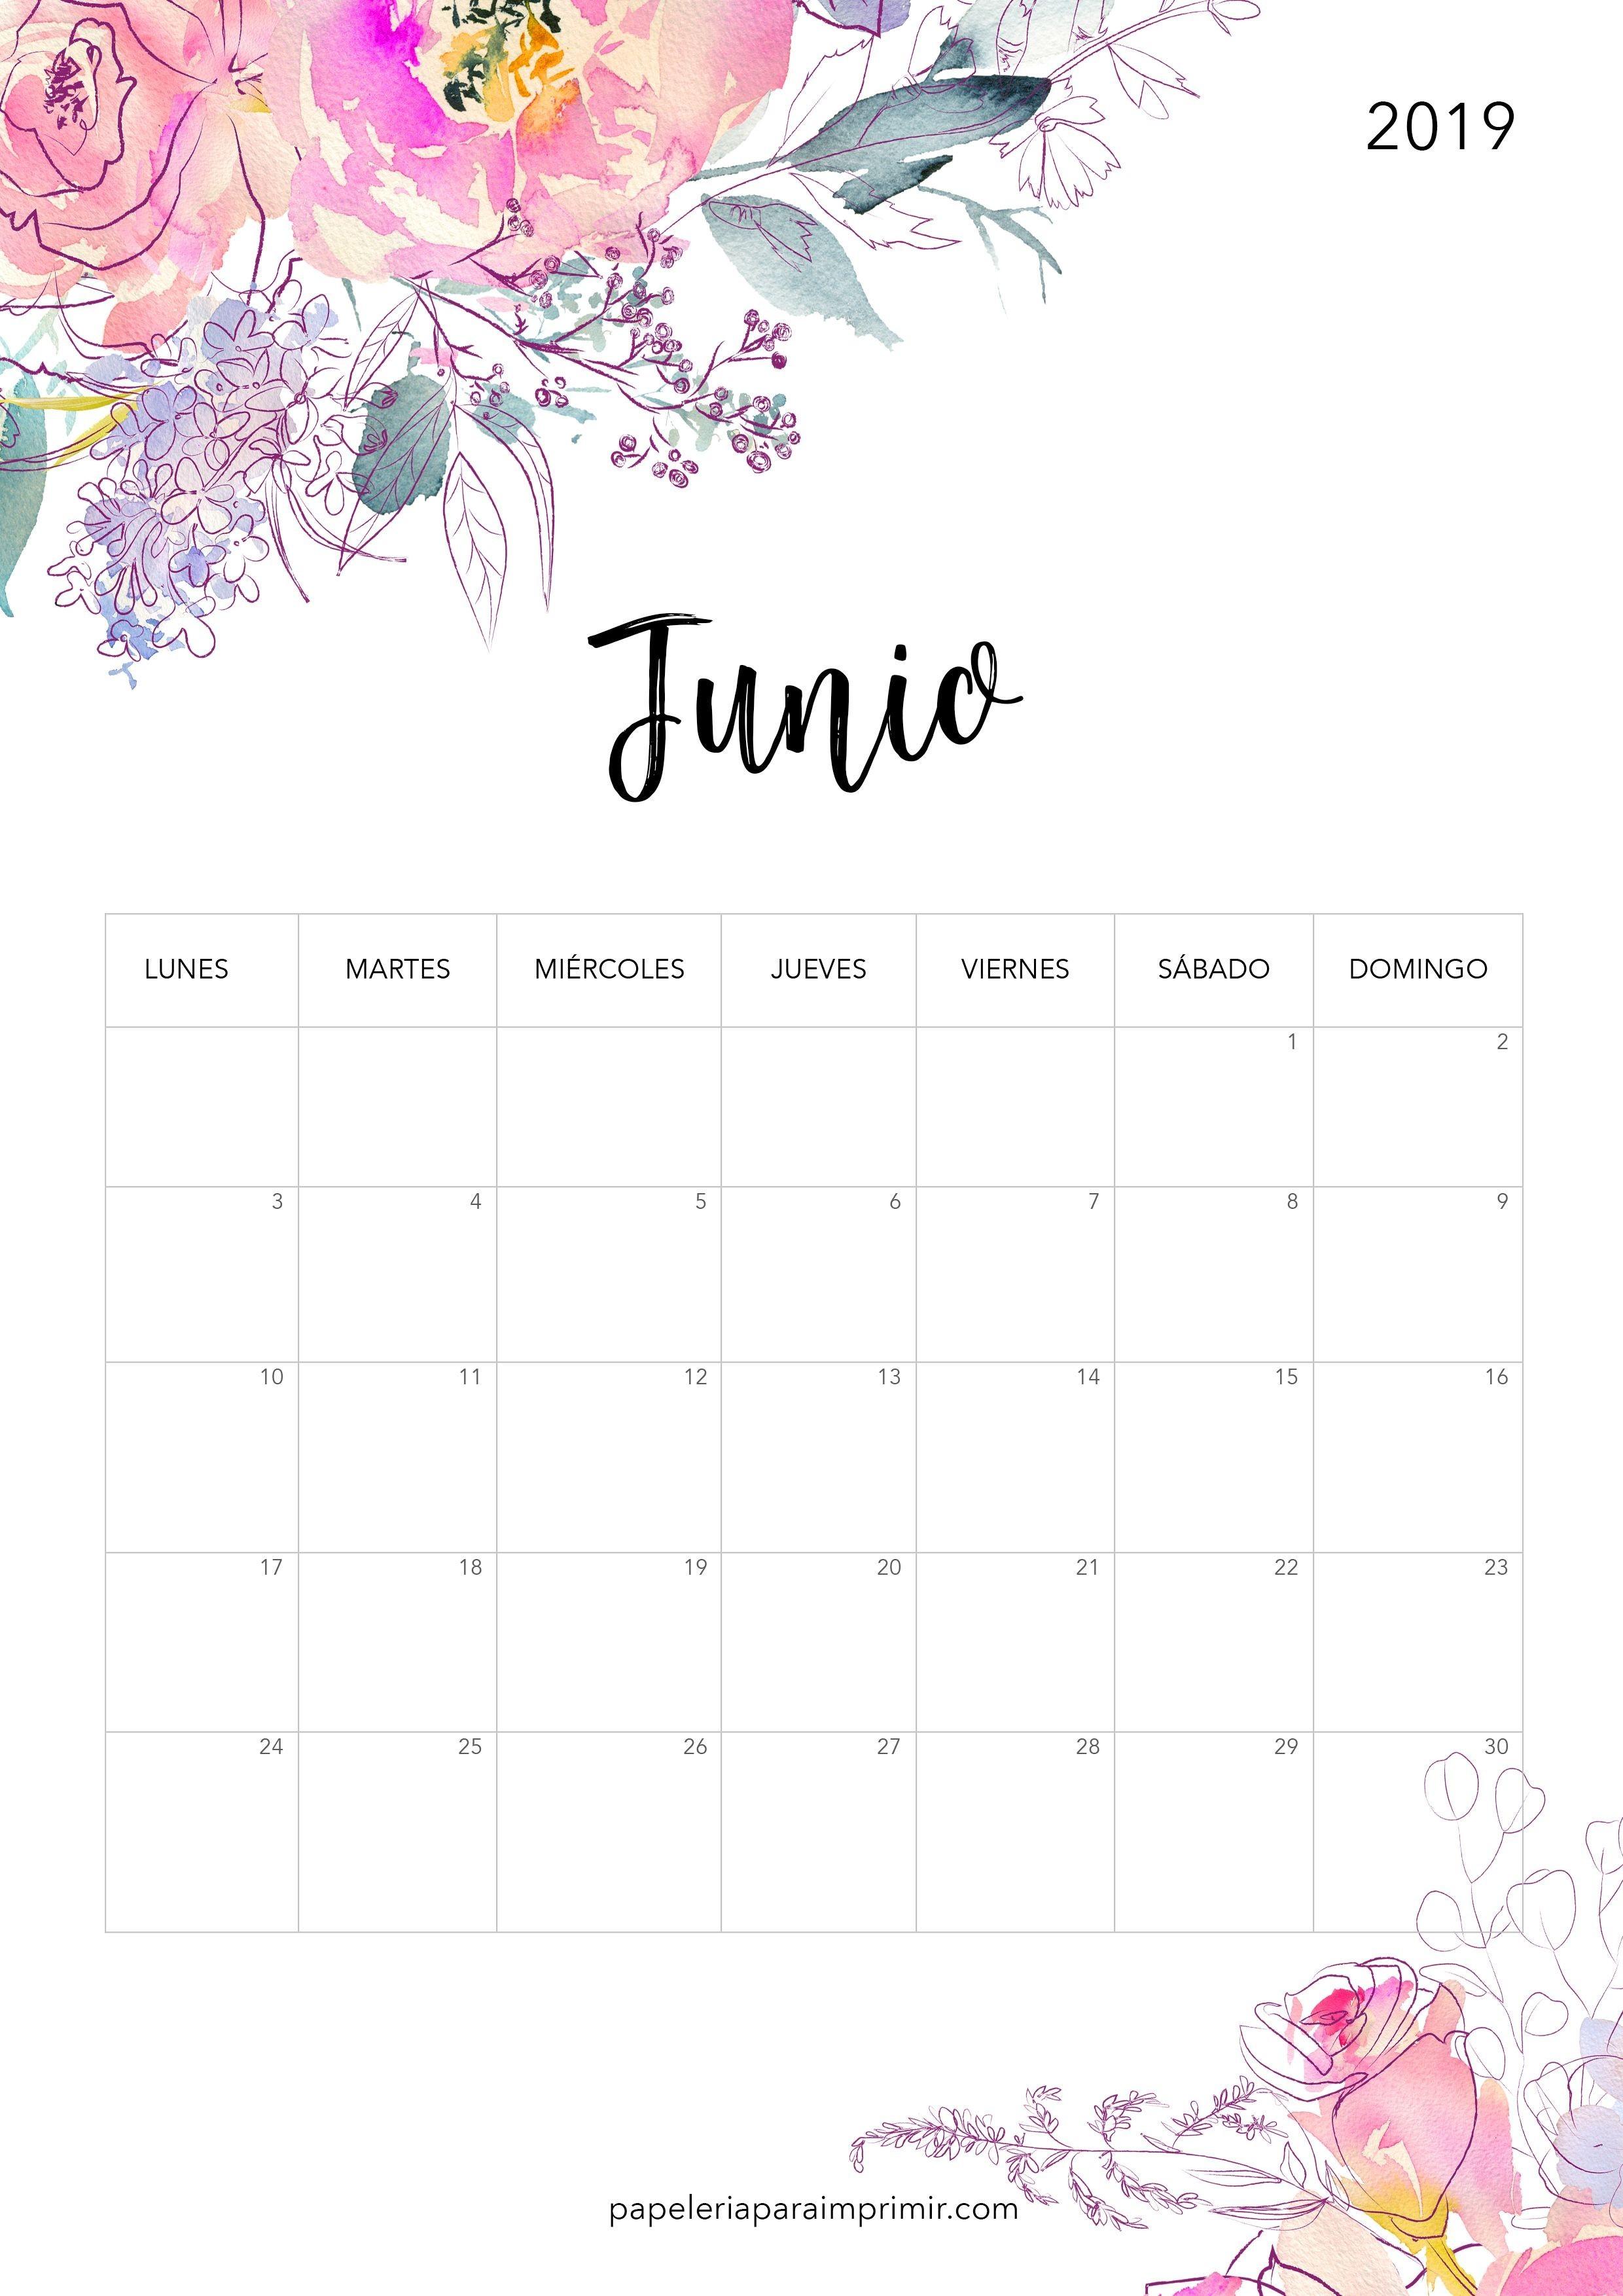 Calendario Para Imprimir Mes De Julio 2019 Más Populares Es Calendario Mes De Marzo 2019 Para Imprimir Of Calendario Para Imprimir Mes De Julio 2019 Más Recientemente Liberado Avisos Pºblicos Ciudad De Bayam³n